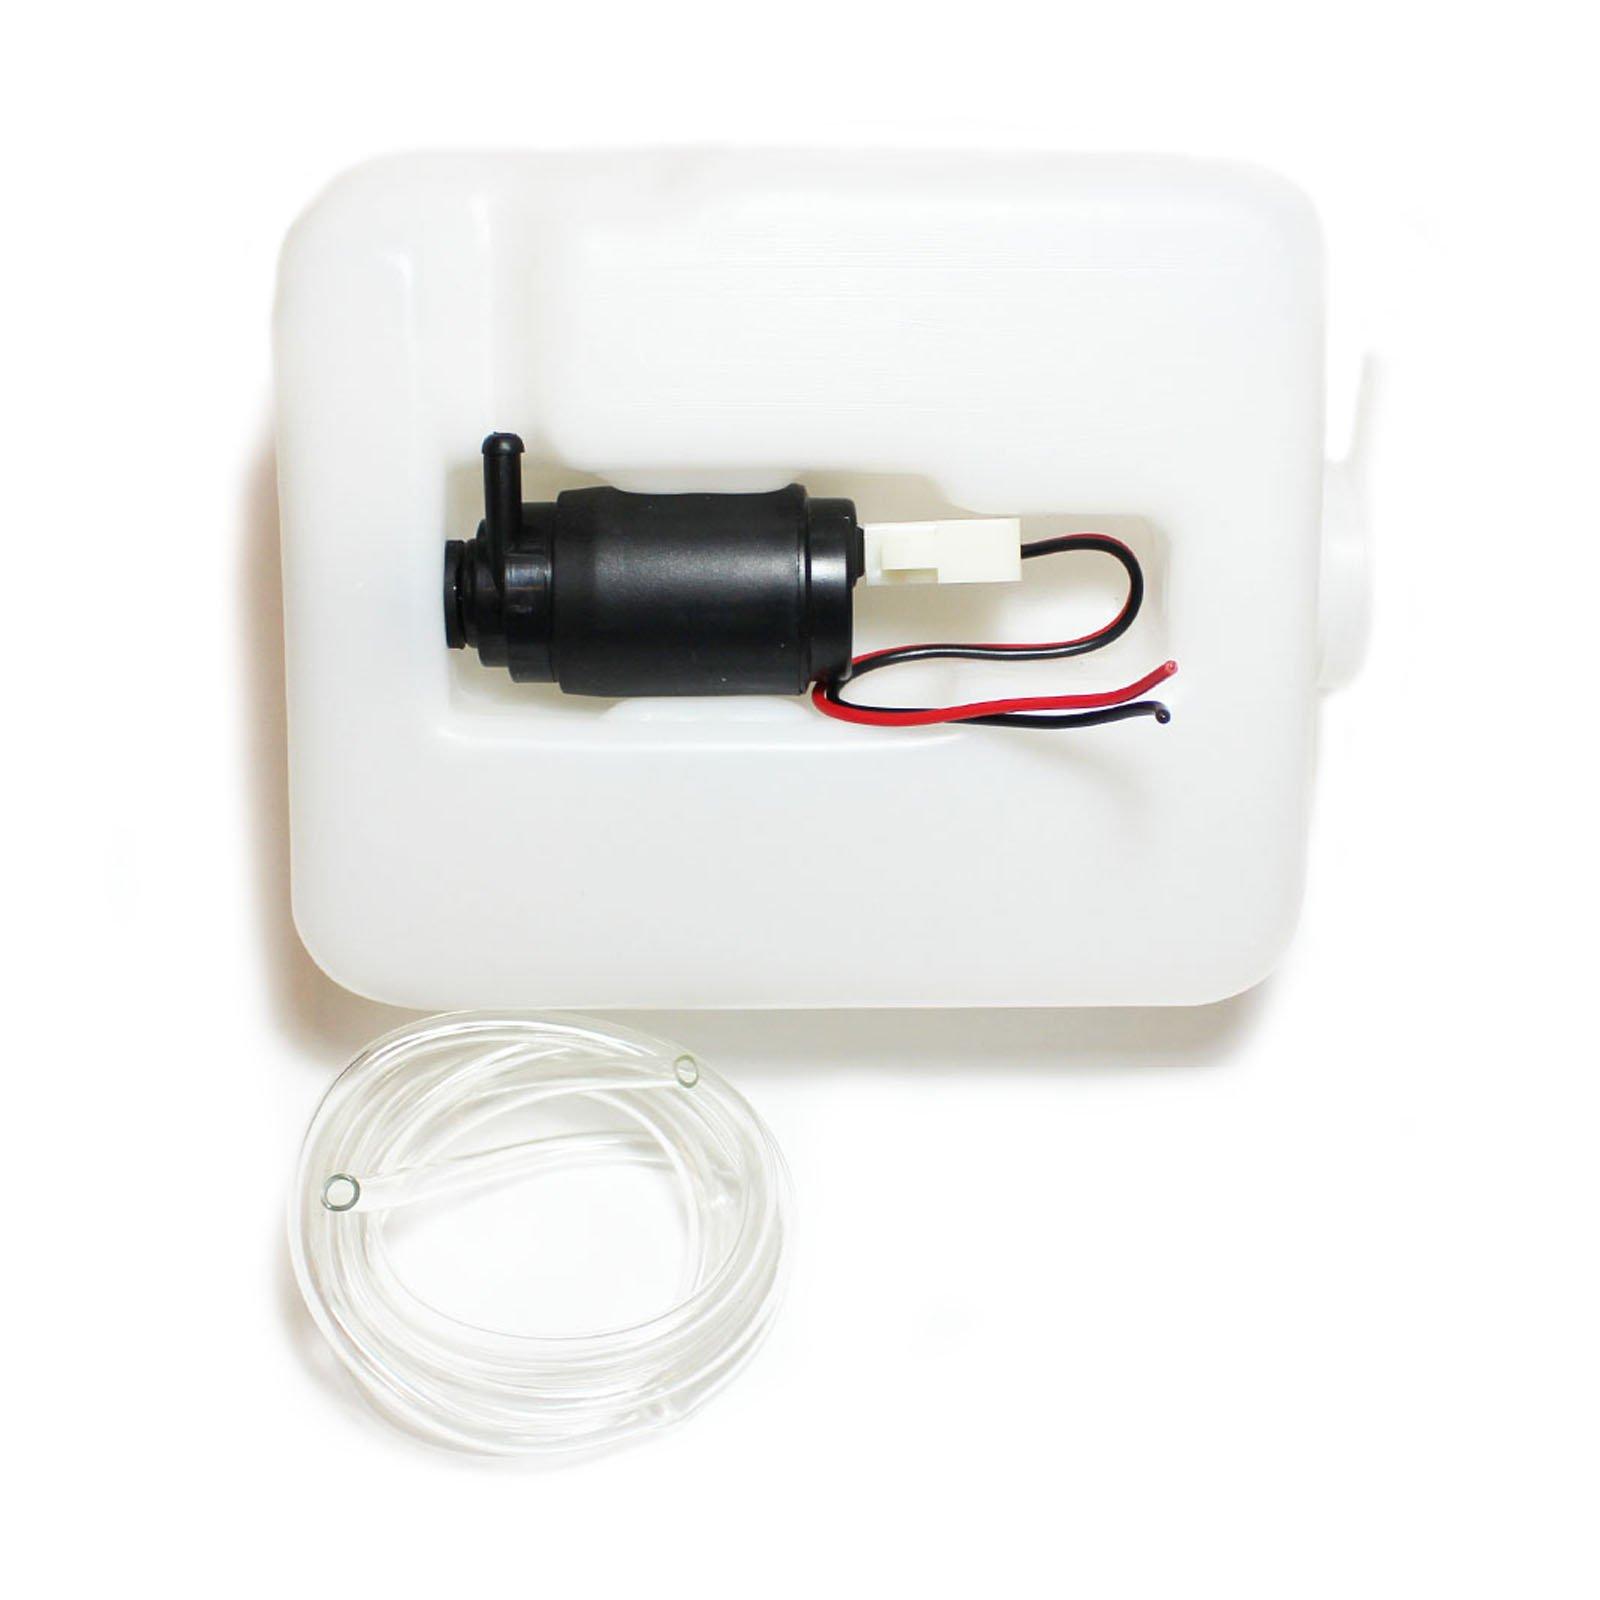 Kit universal y económico de bomba de limpiaparabrisas de 12 V y contenedor de agua de 1,2 l. De ACP: Amazon.es: Coche y moto